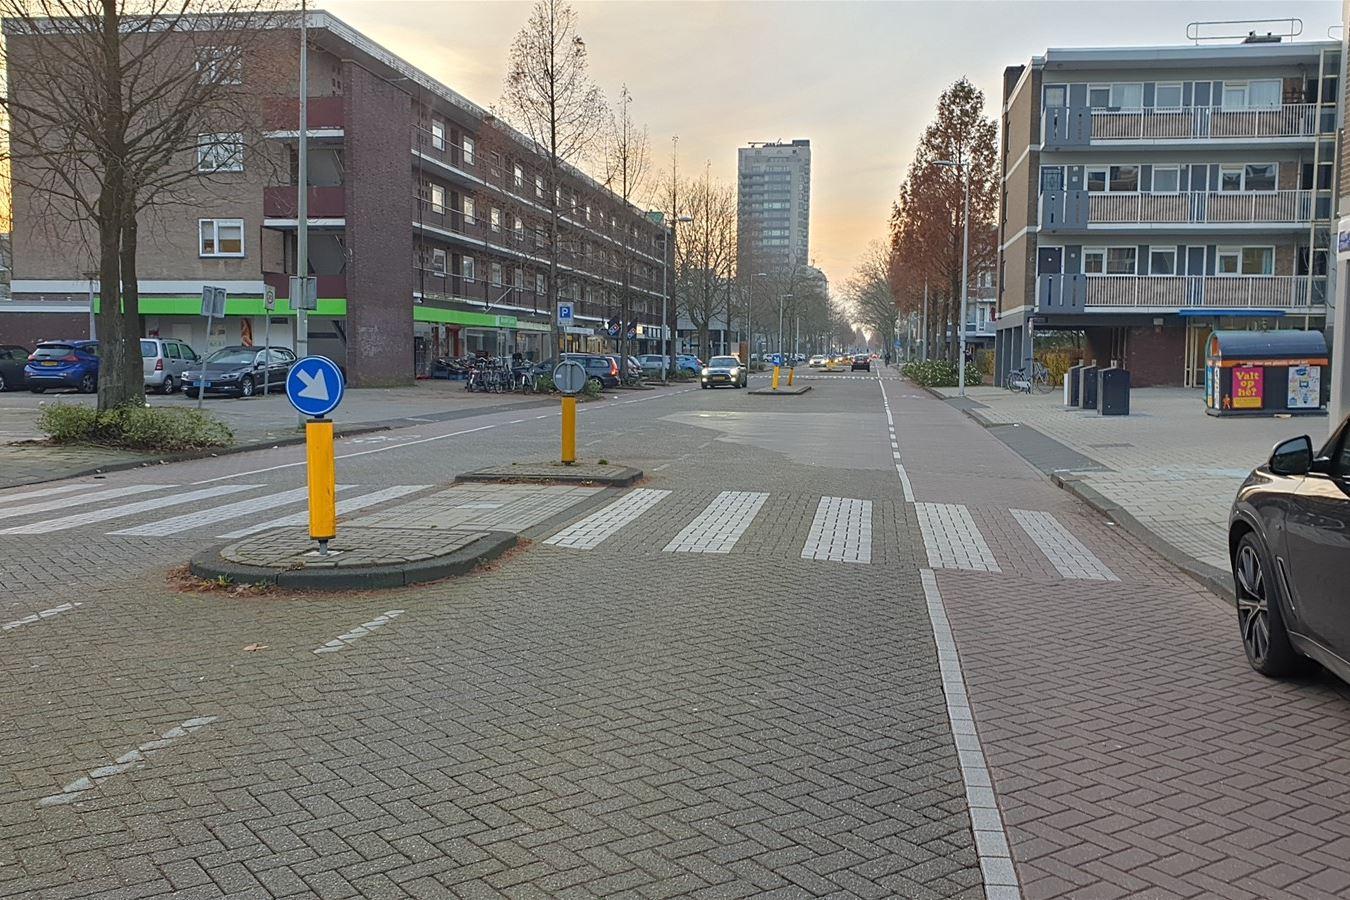 Bekijk foto 2 van Arent Janszoon Ernststraat 179 A, B